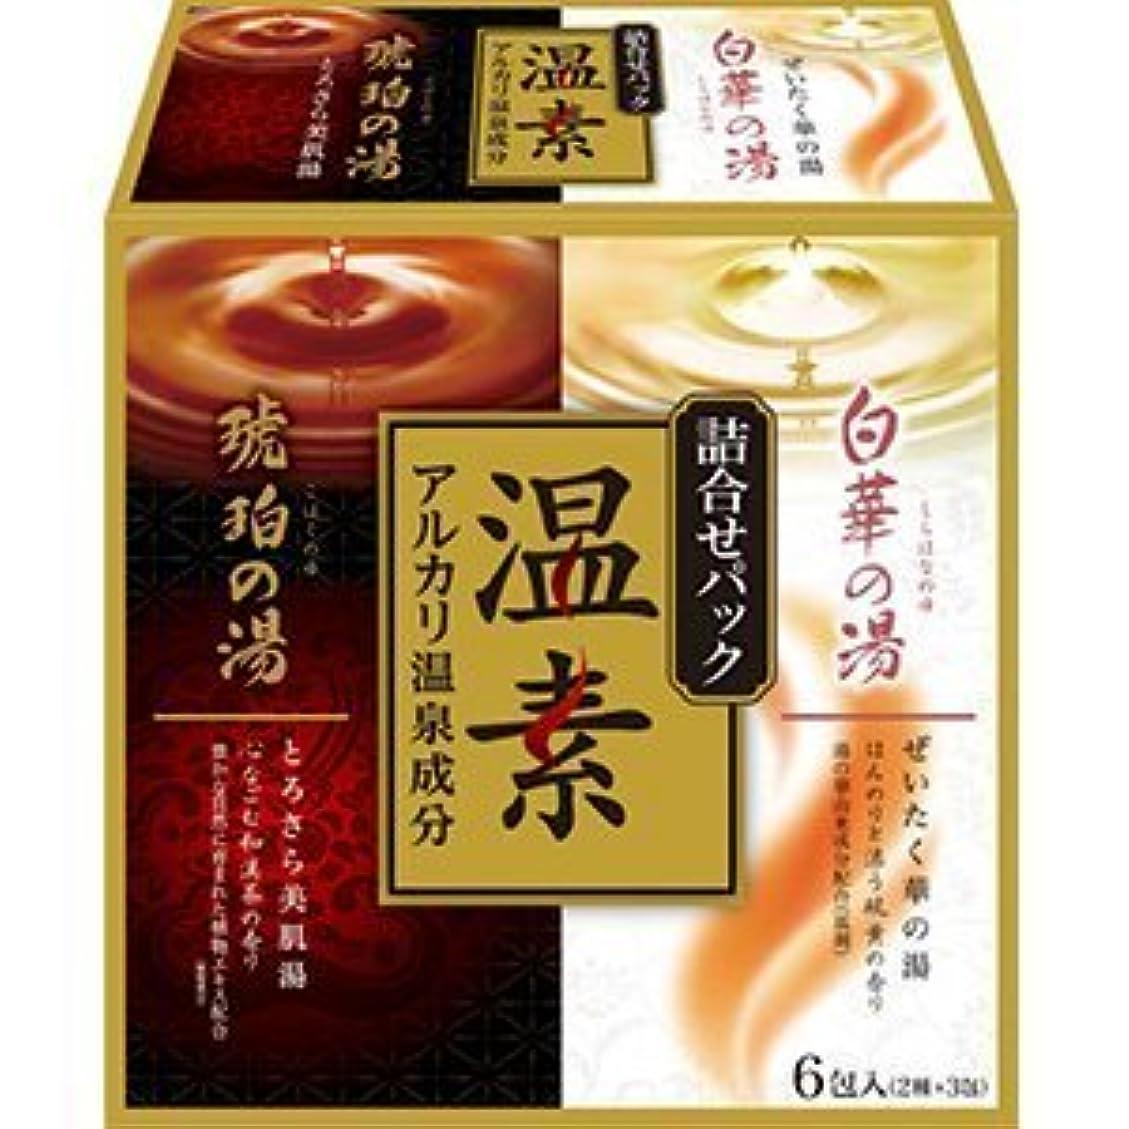 温素 琥珀の湯&白華の湯 詰合せパック × 5個セット